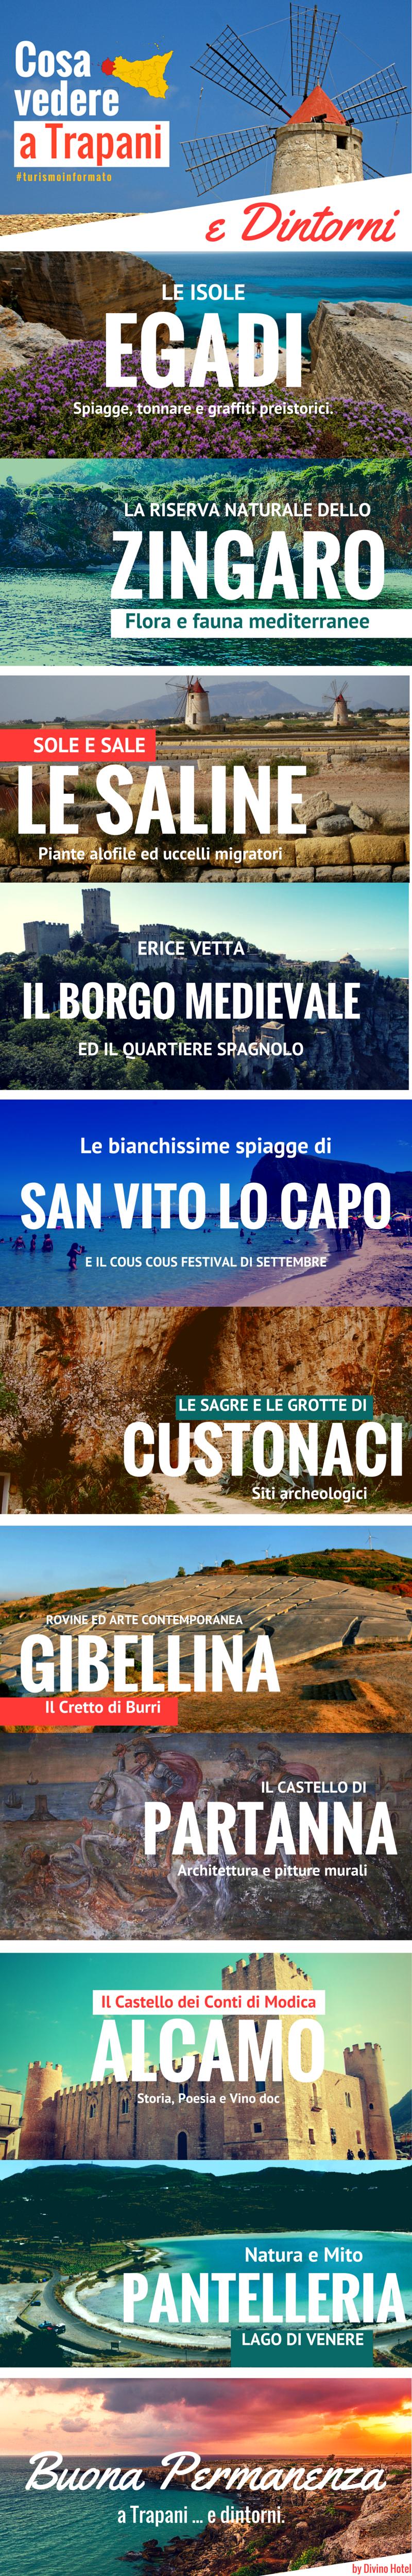 In questa immagine ci sono le foto sulle cose da vedere nella provincia di Trapani - Infografica